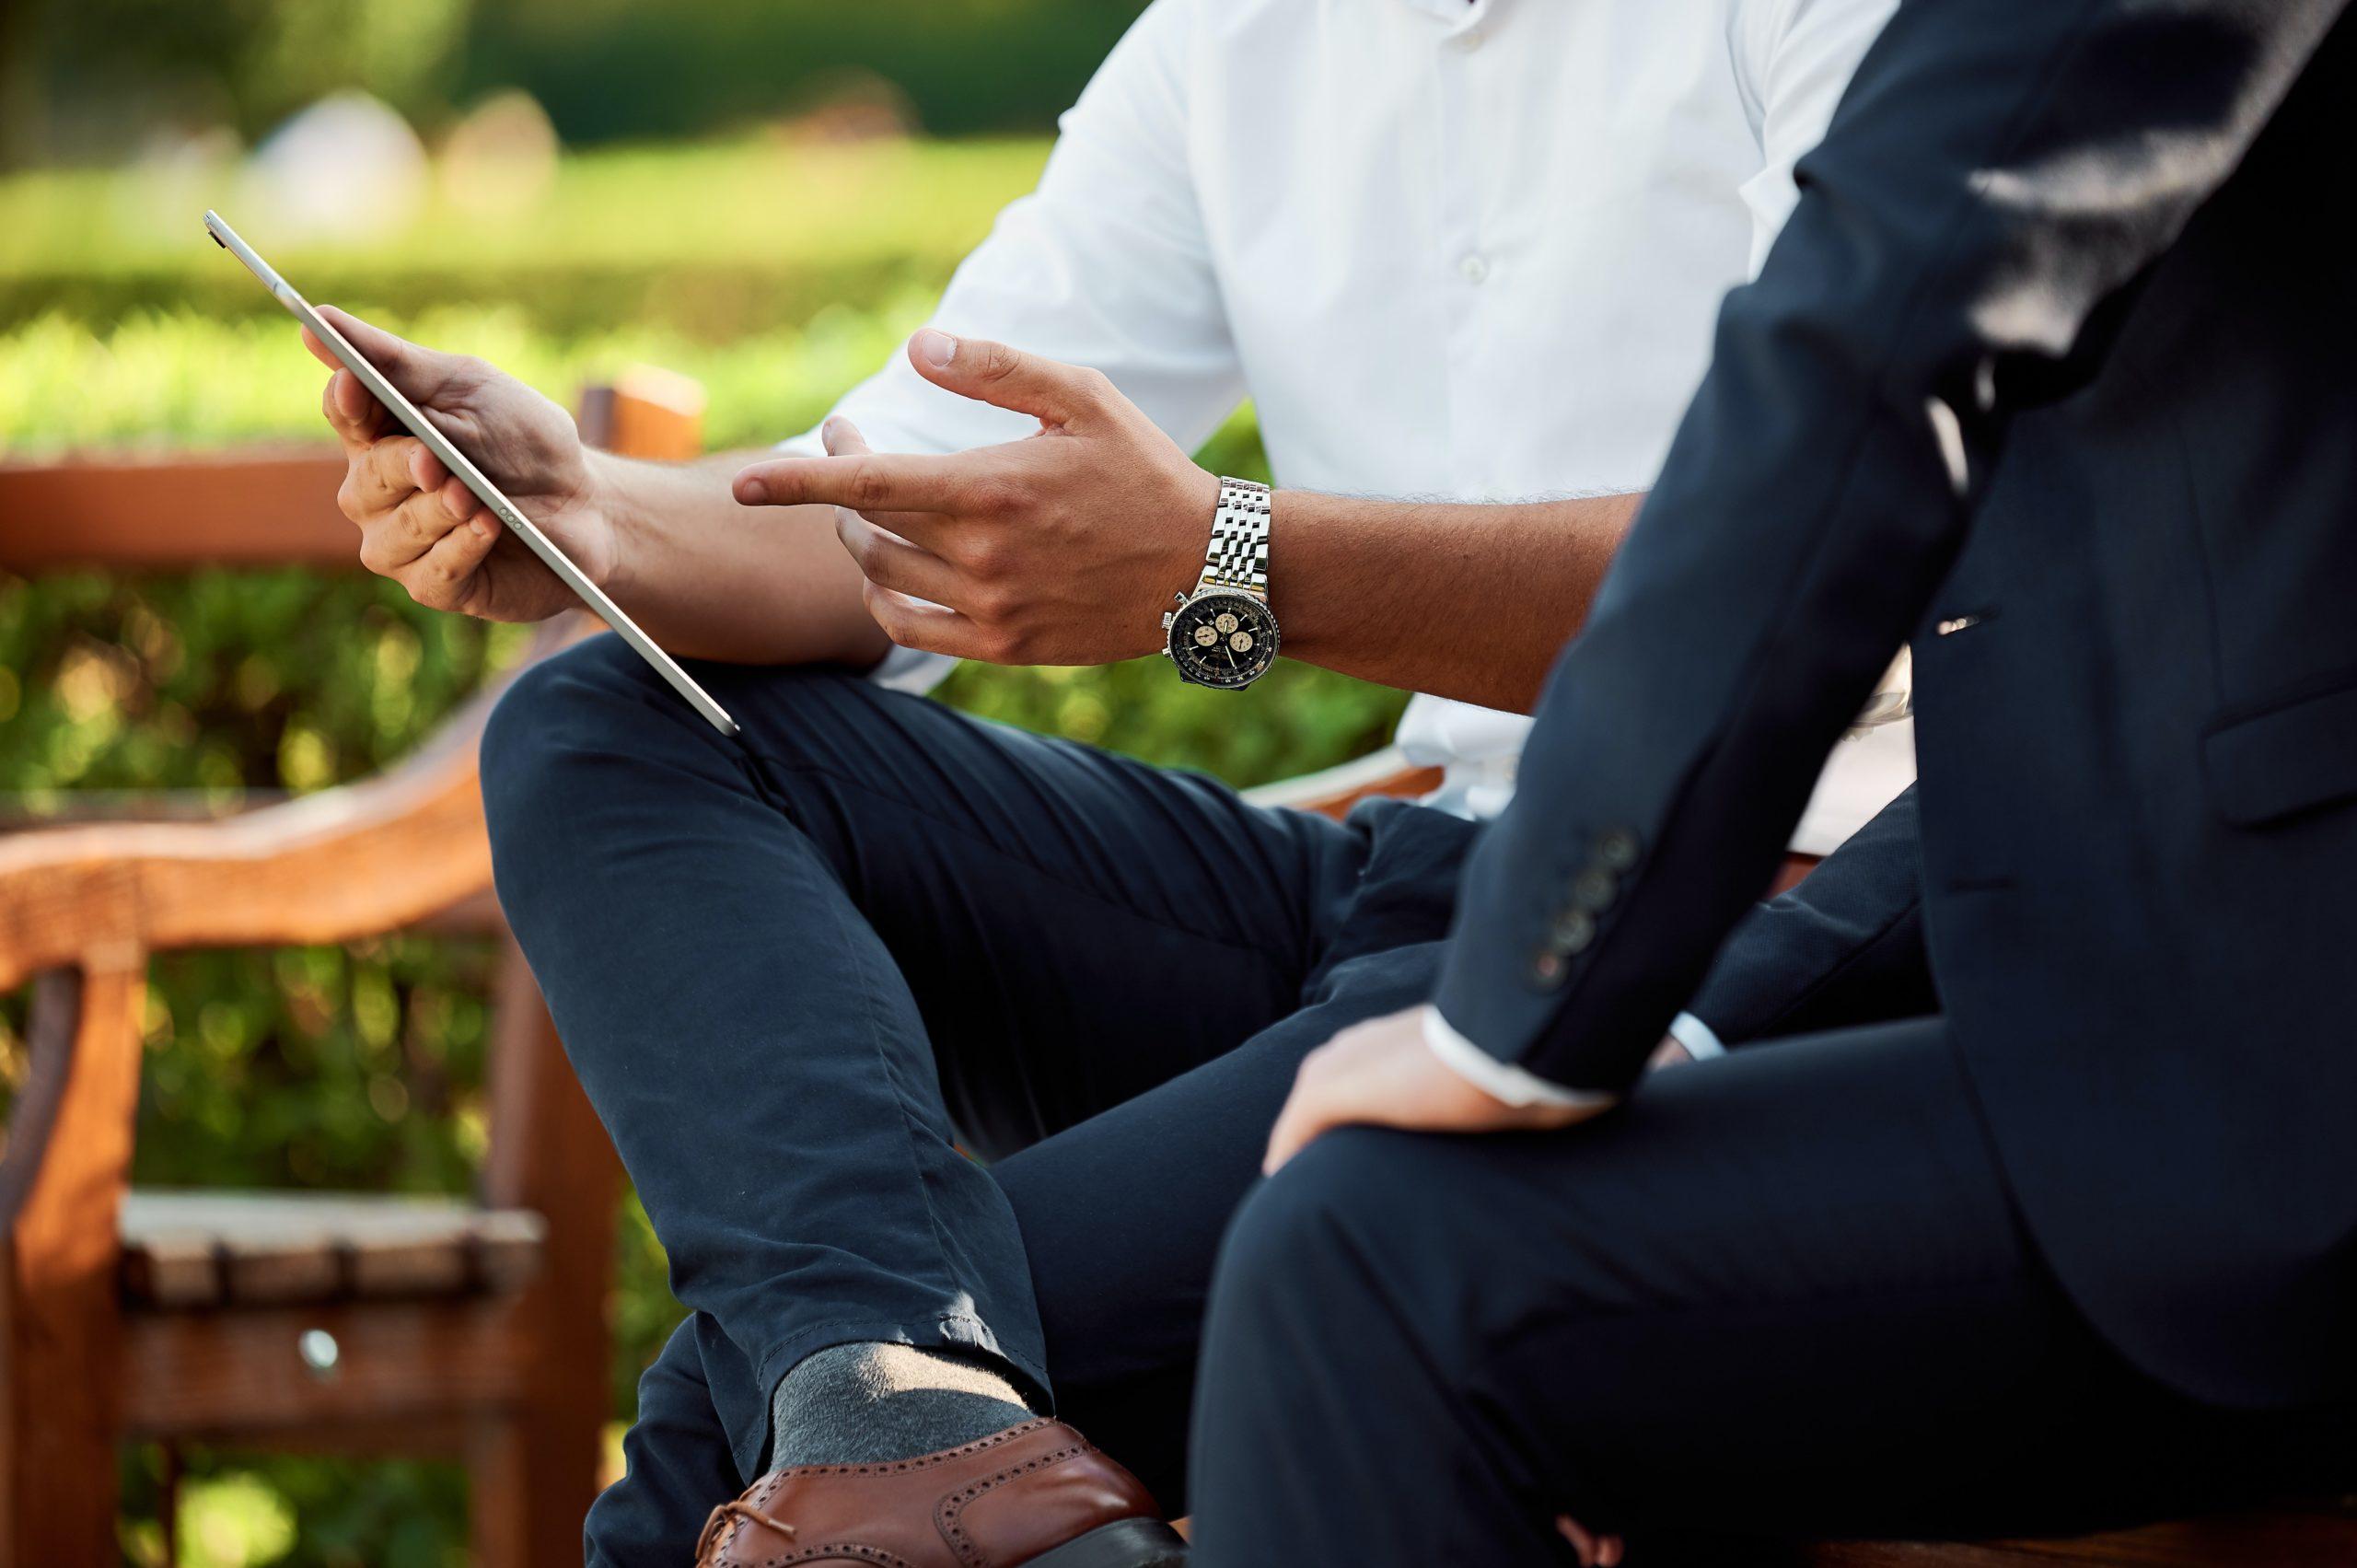 rencontre négociation tablette